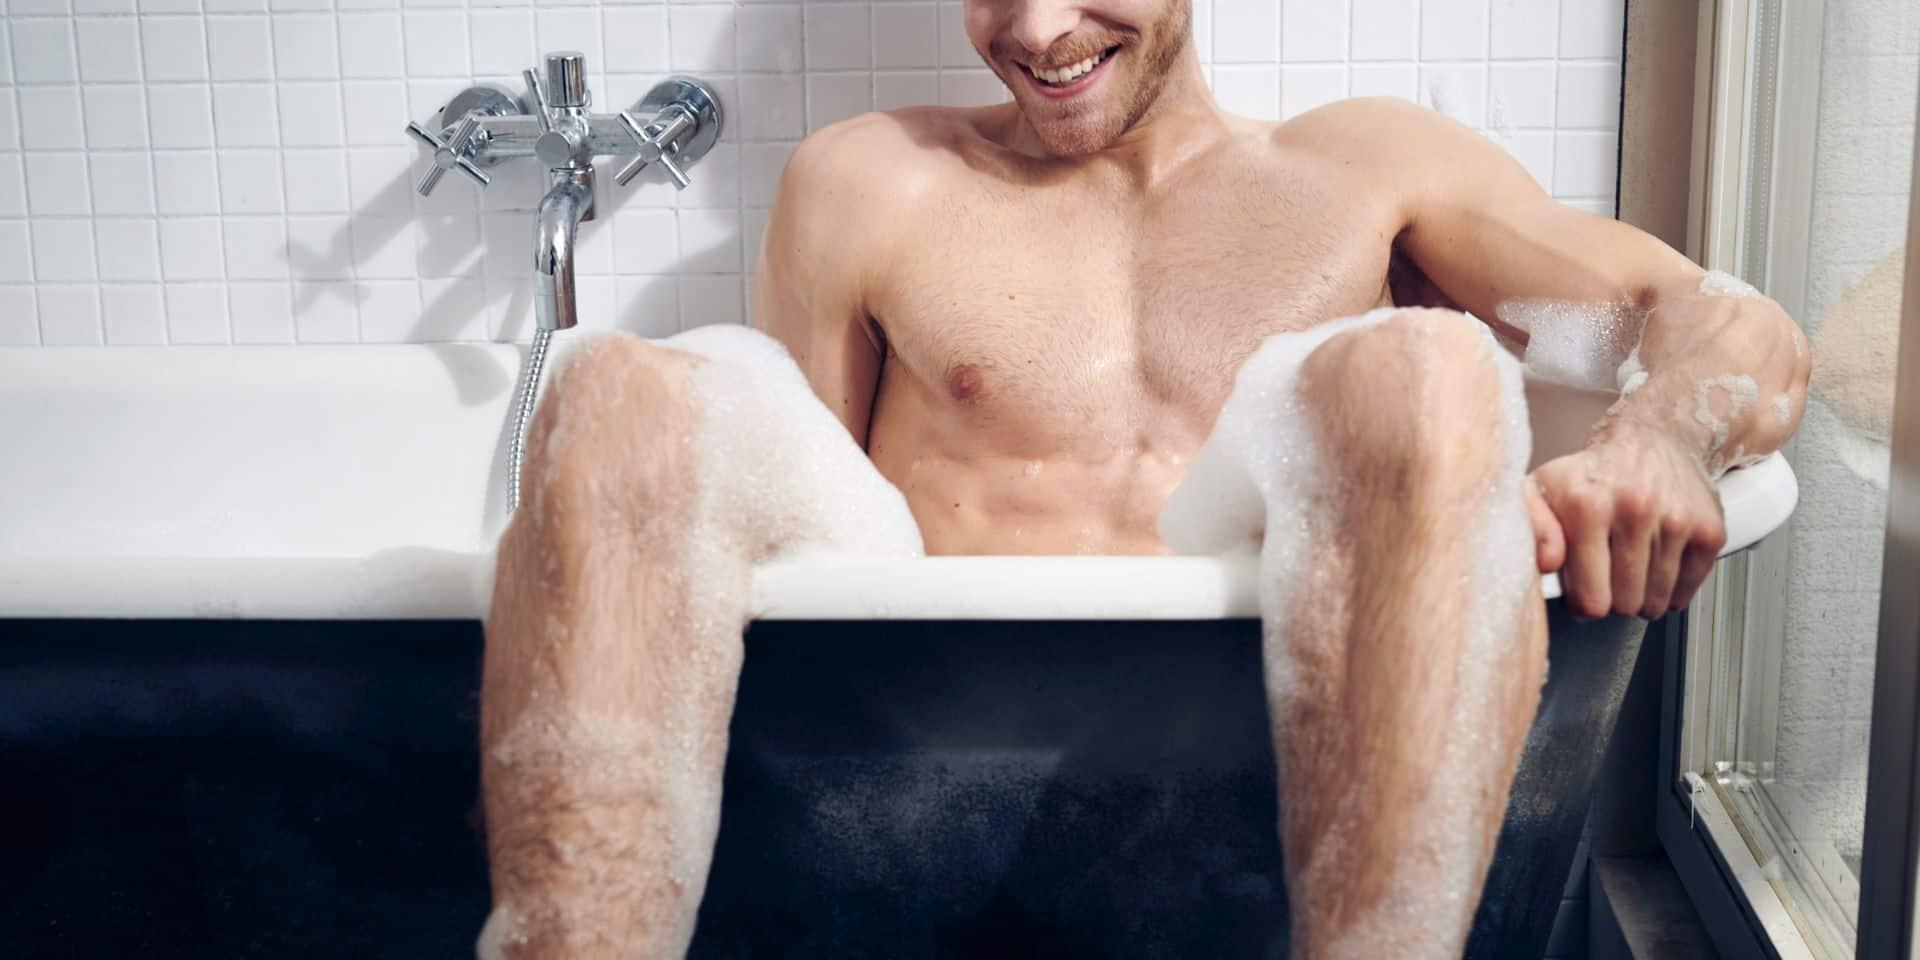 Le top 10 des mésaventures les plus vécues en matière de sexe